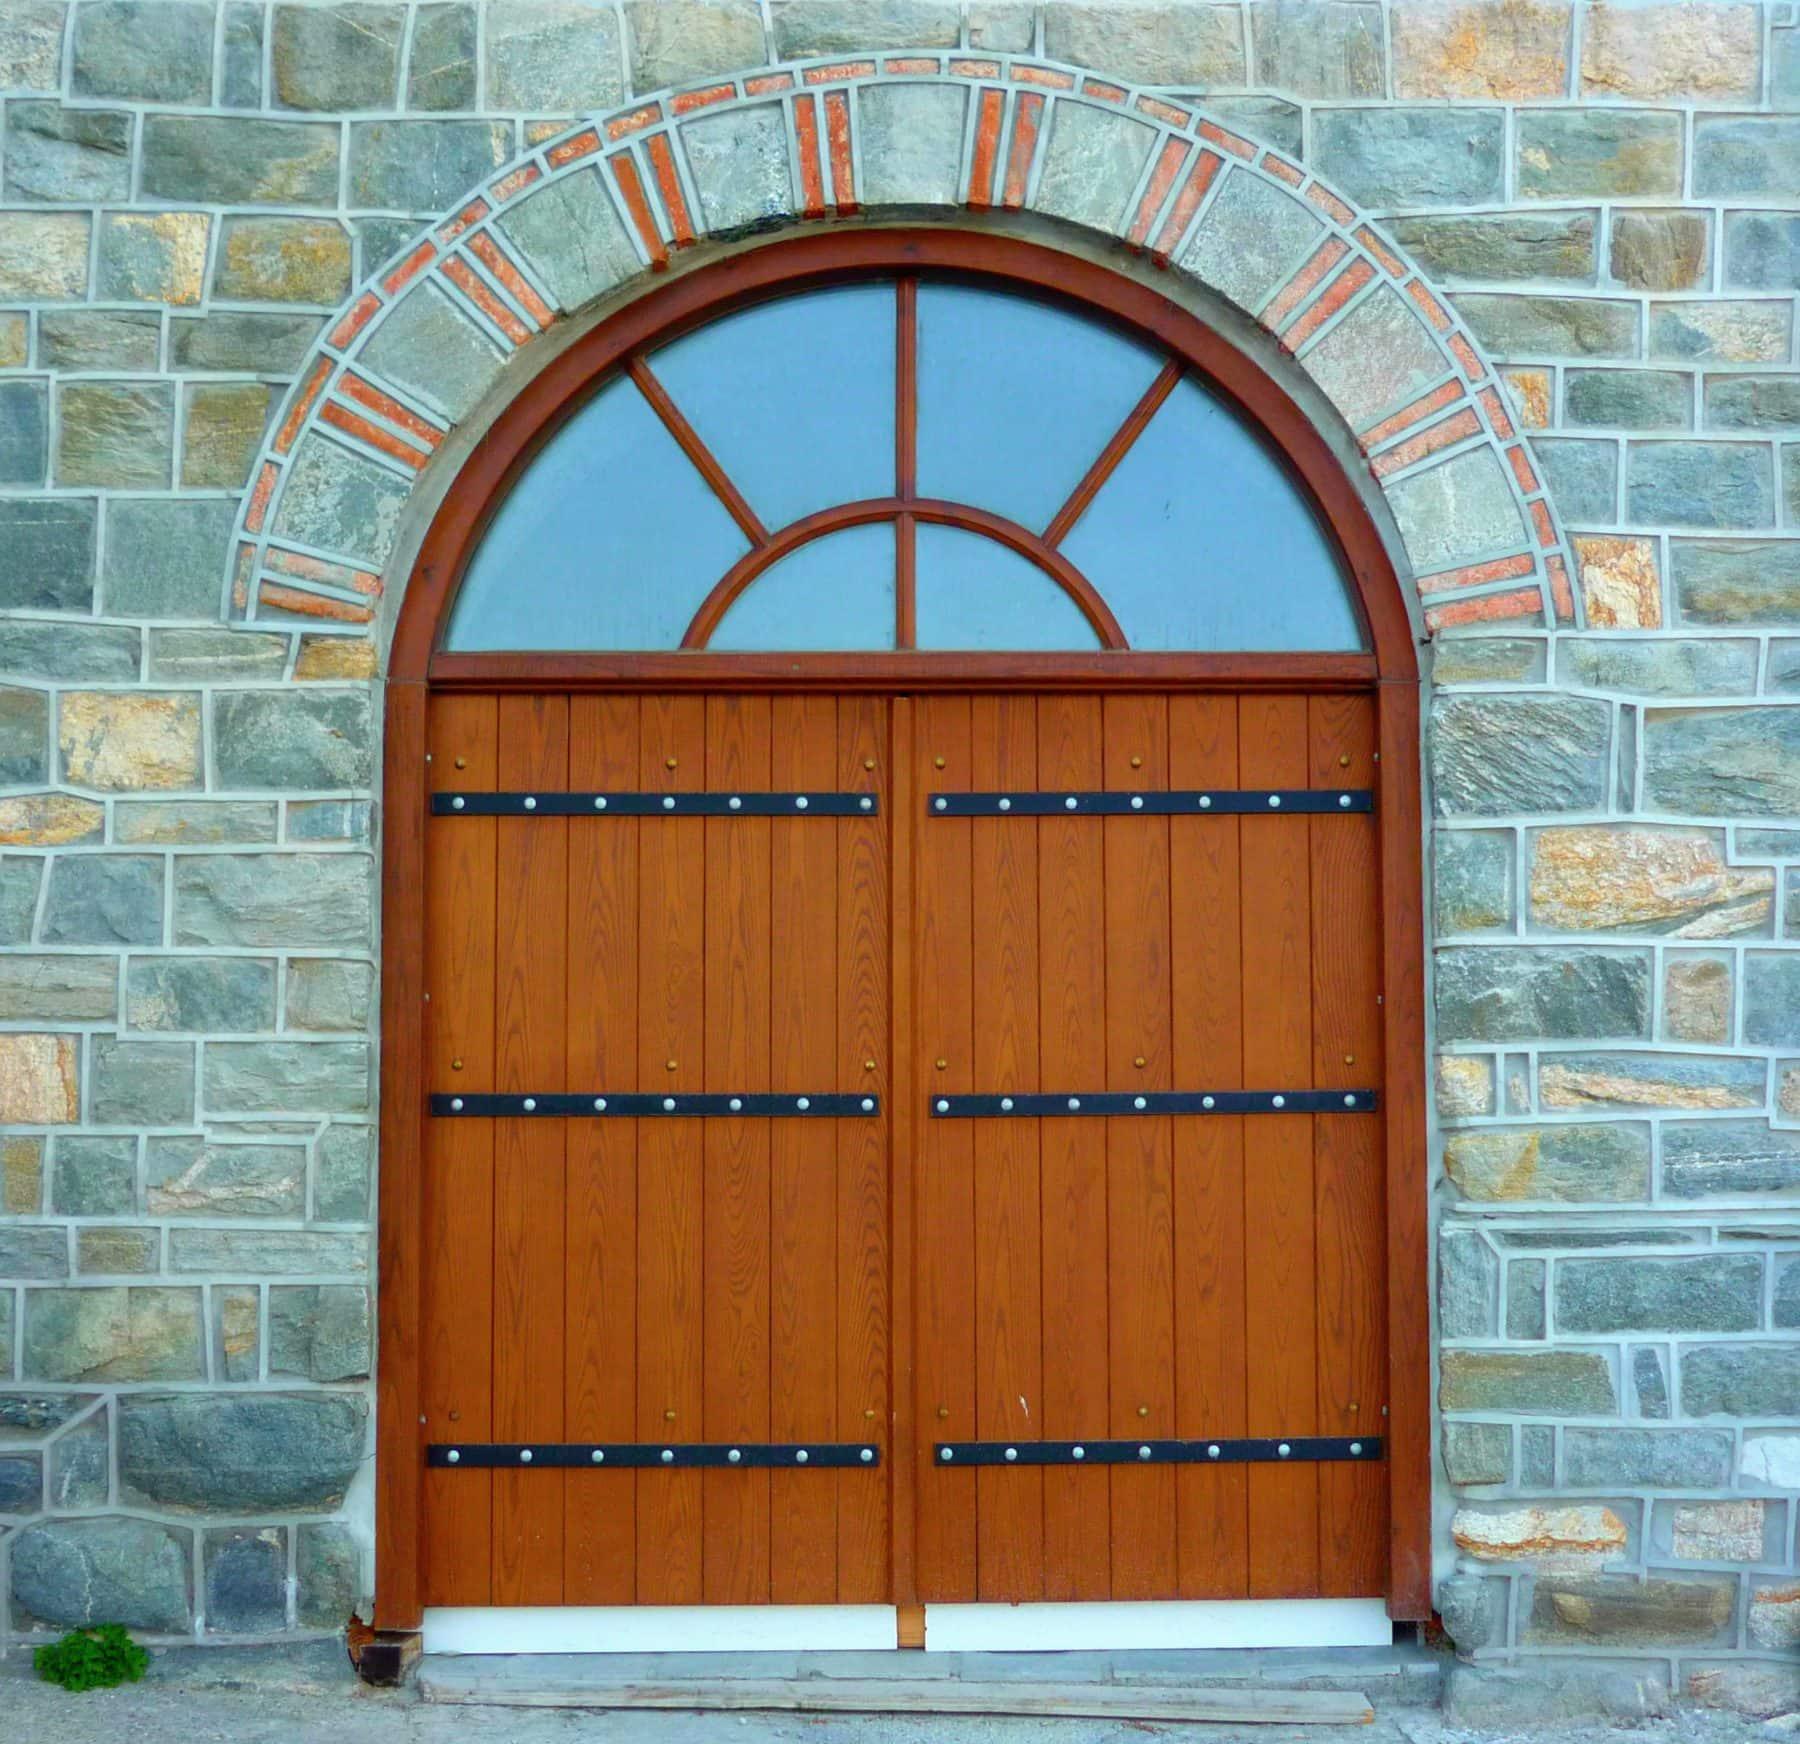 ραμποτέ εξωτερική πόρτα με φεγγίτη